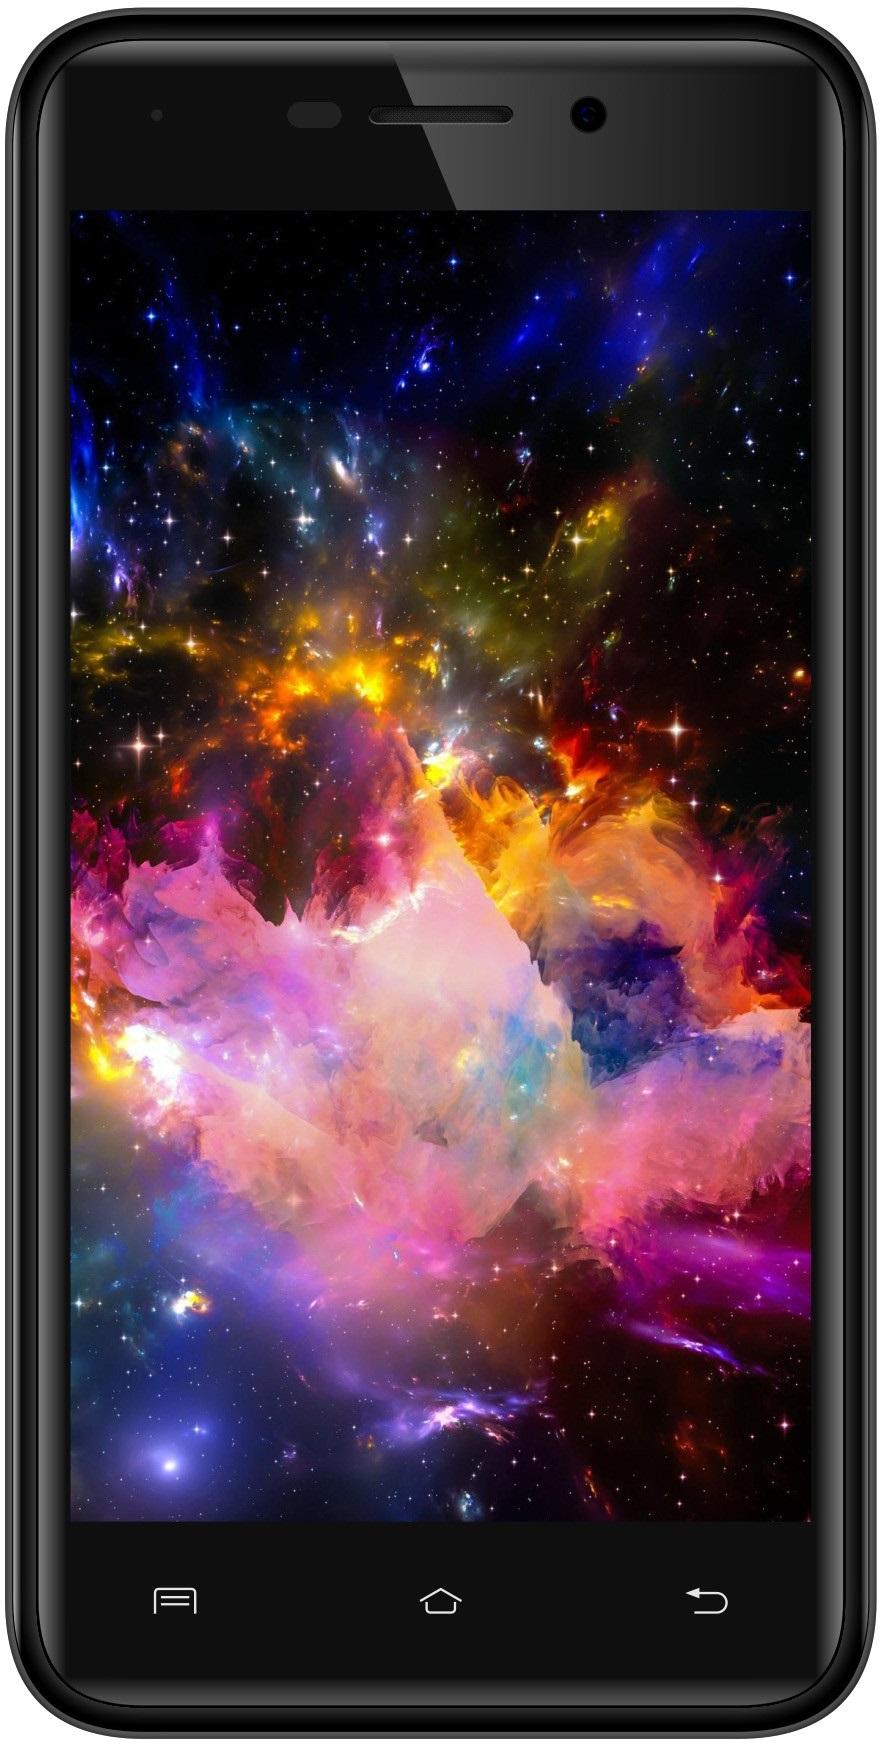 Смартфон Nomi i5014 Evo M4: характеристики, цены, где купить